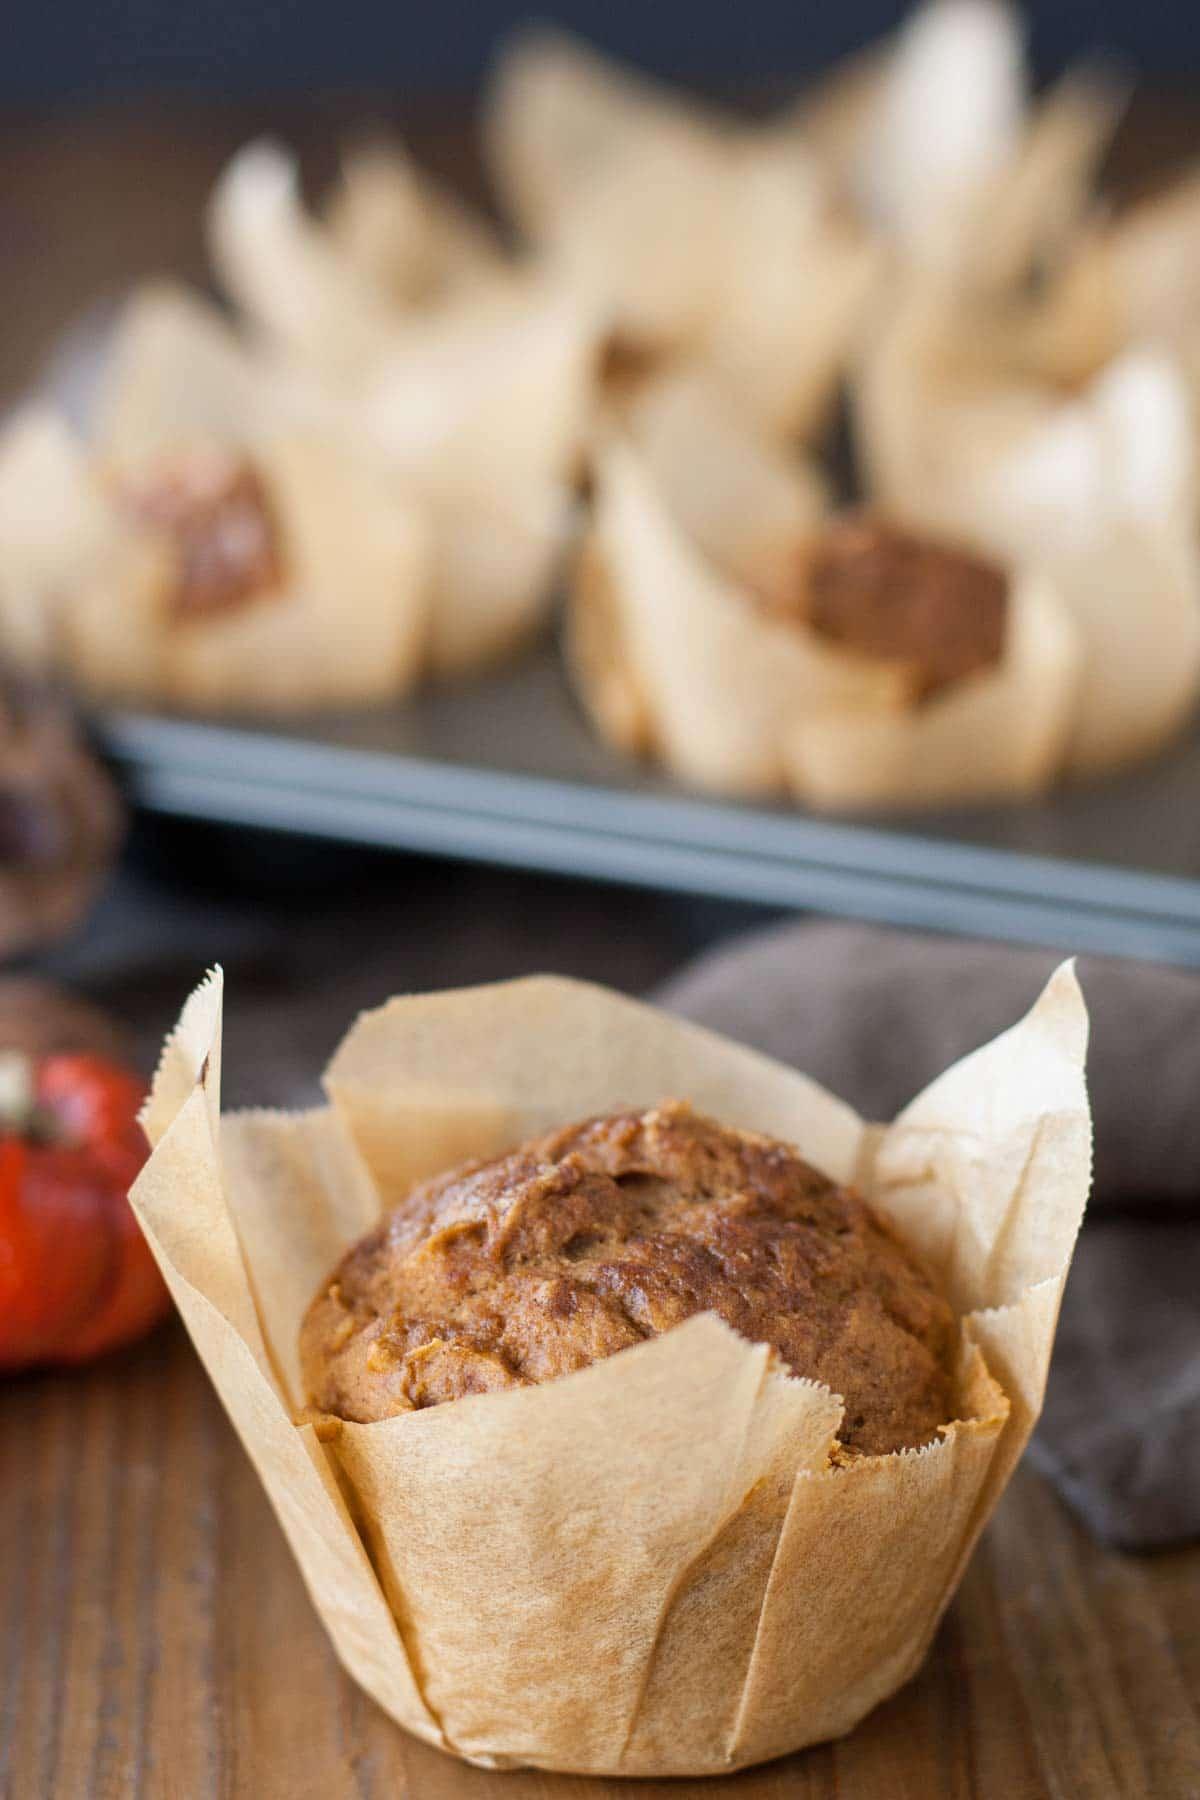 TWO Ingredient Pumpkin Muffins! Start to finish in under 25mins! | livforcake.com